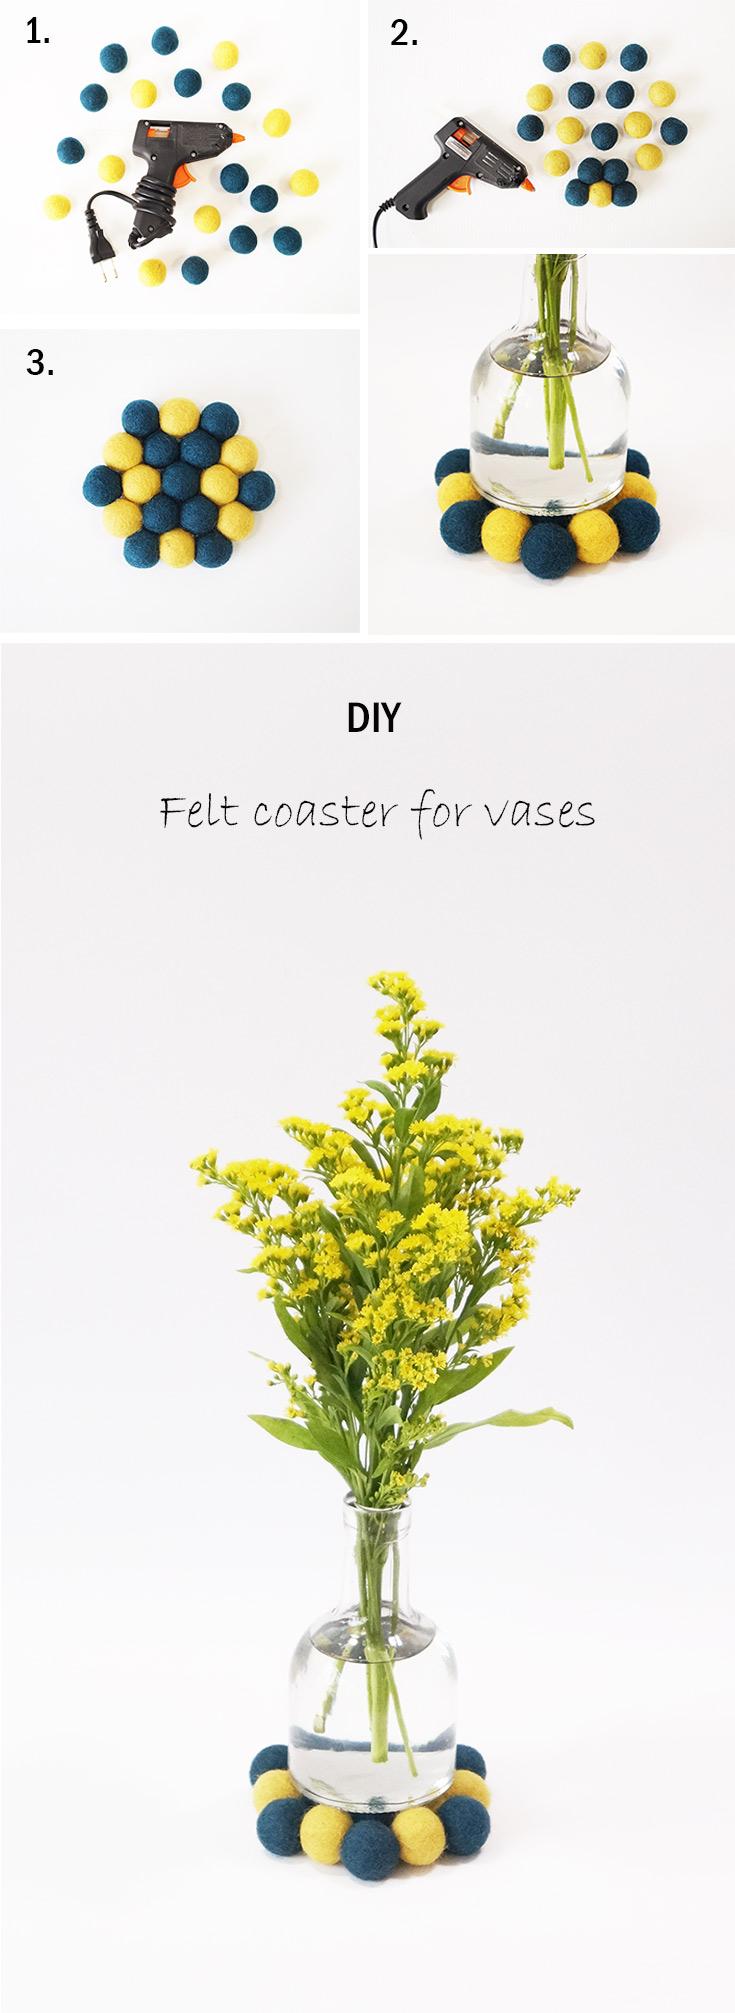 felt coaster for vases2